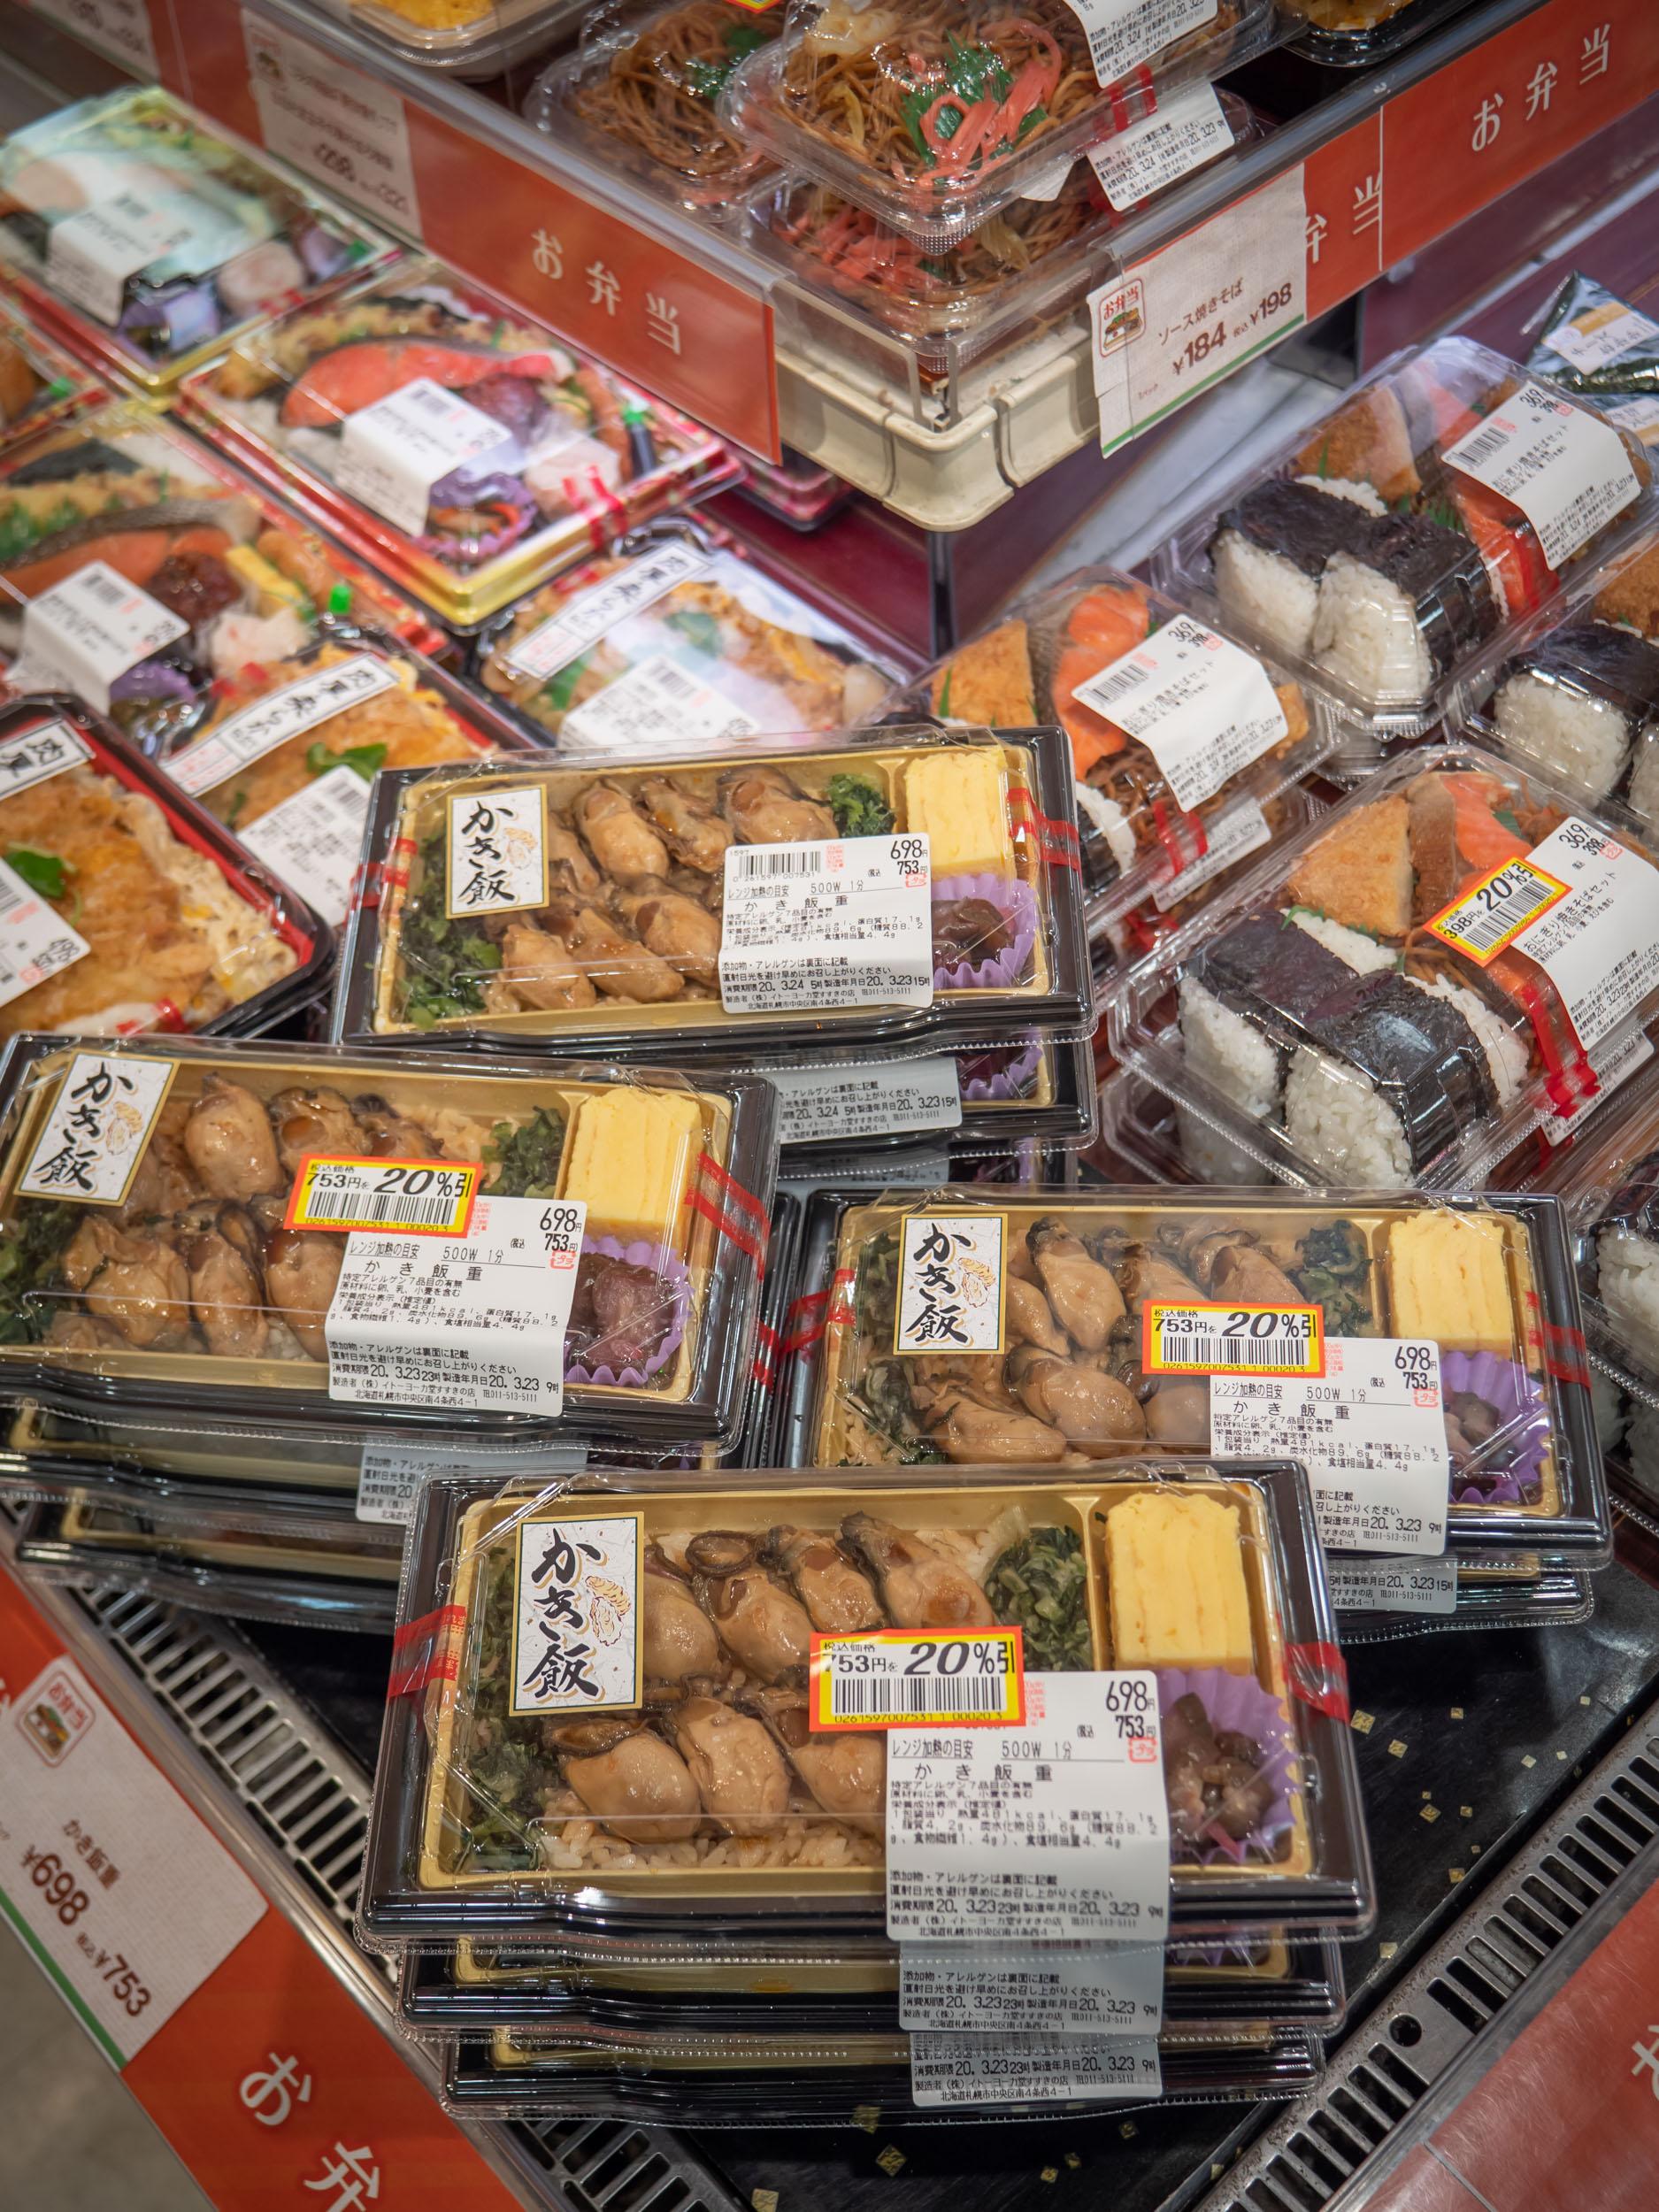 閉店したイトーヨーカドーすすきの店の惣菜売場 20%オフのかき飯 DMC-GX8 + LEICA DG 12-60mm